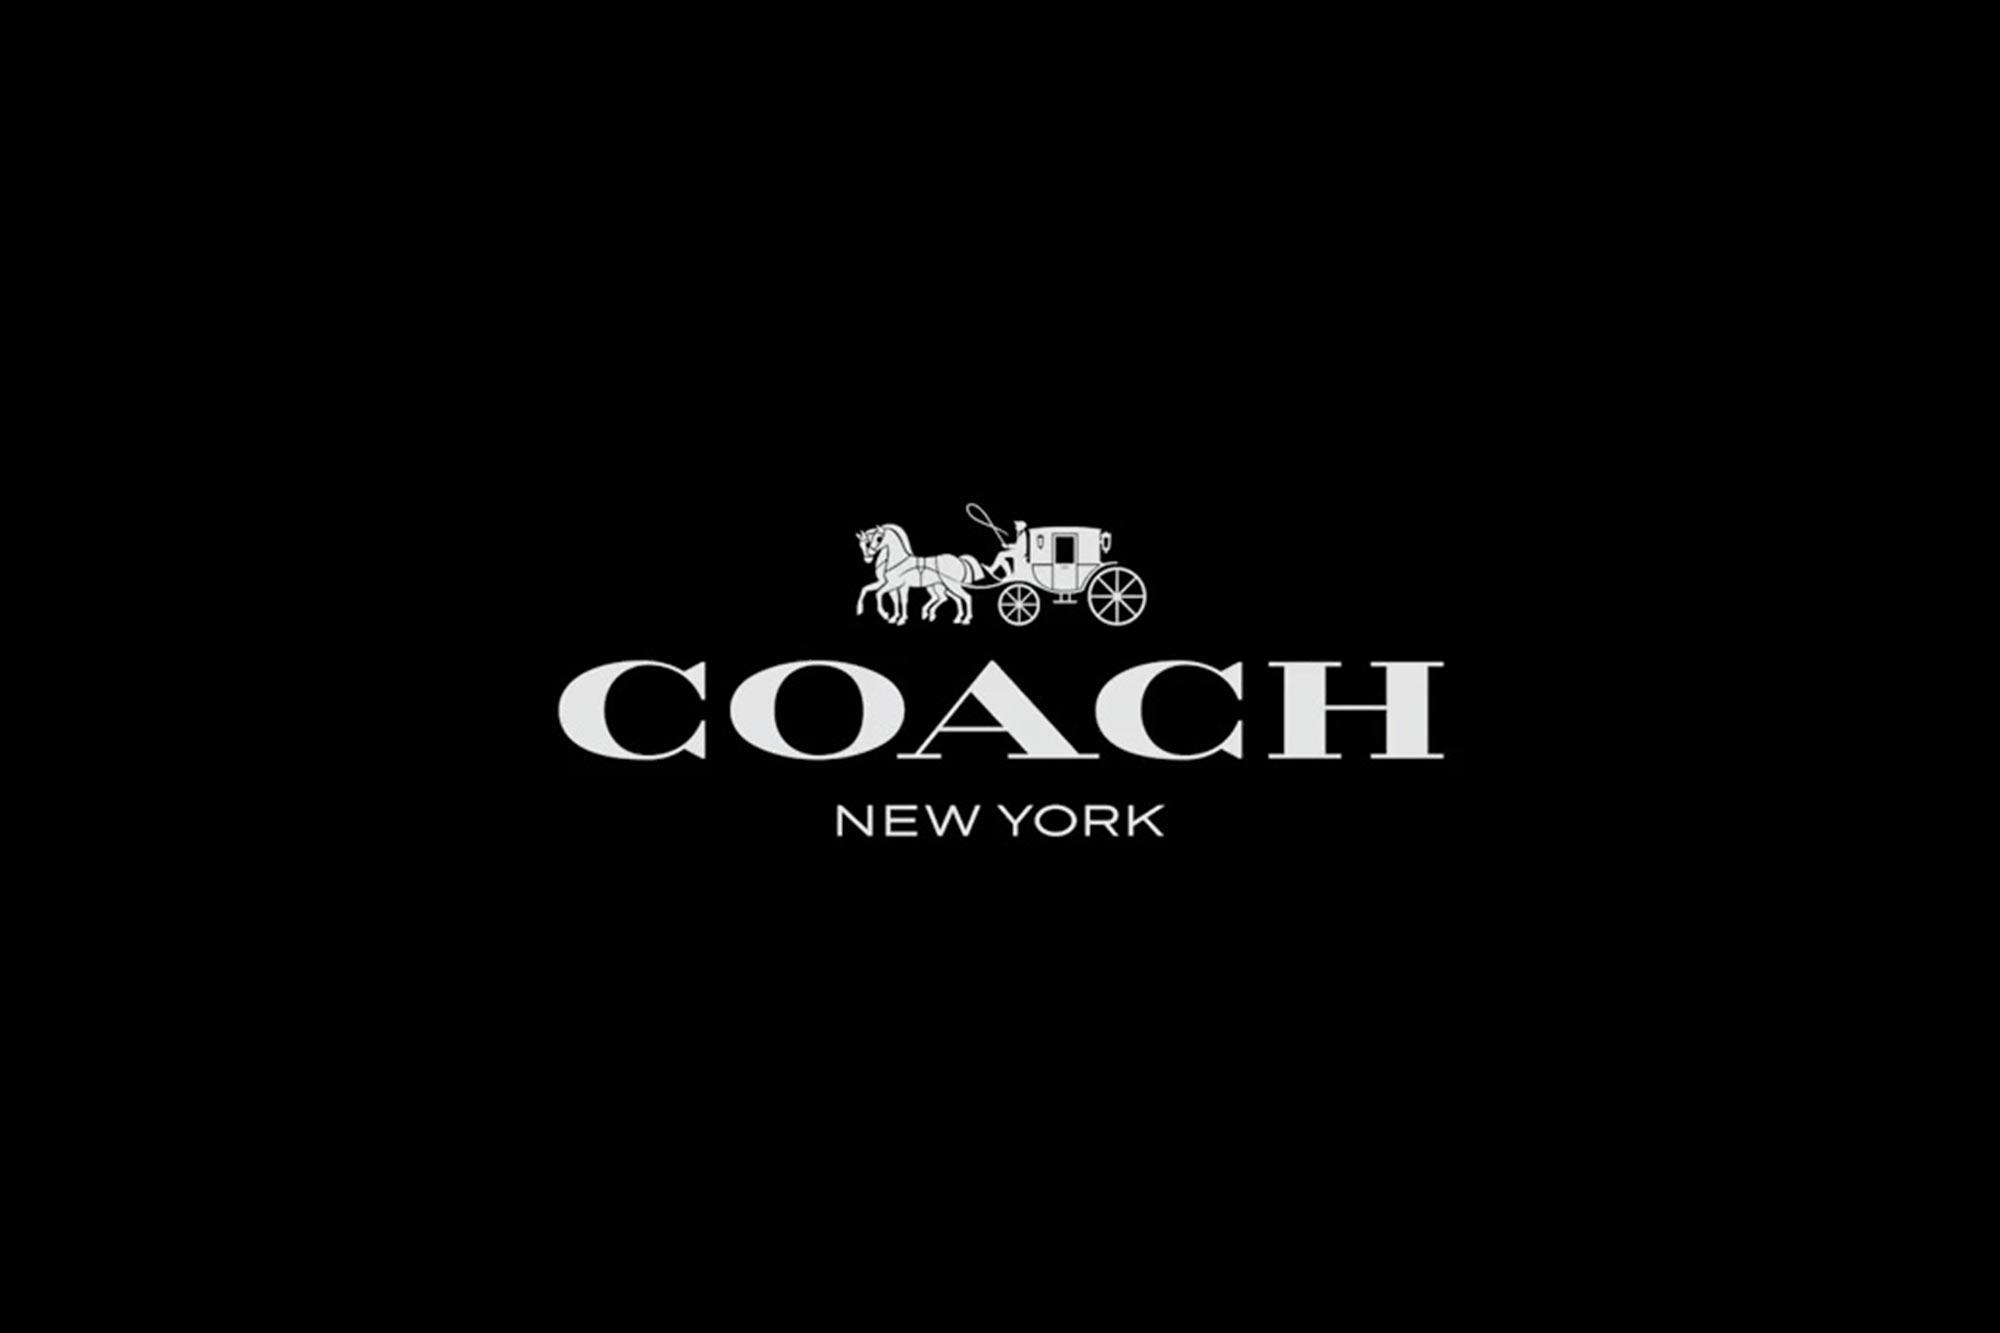 Coach — Q & A